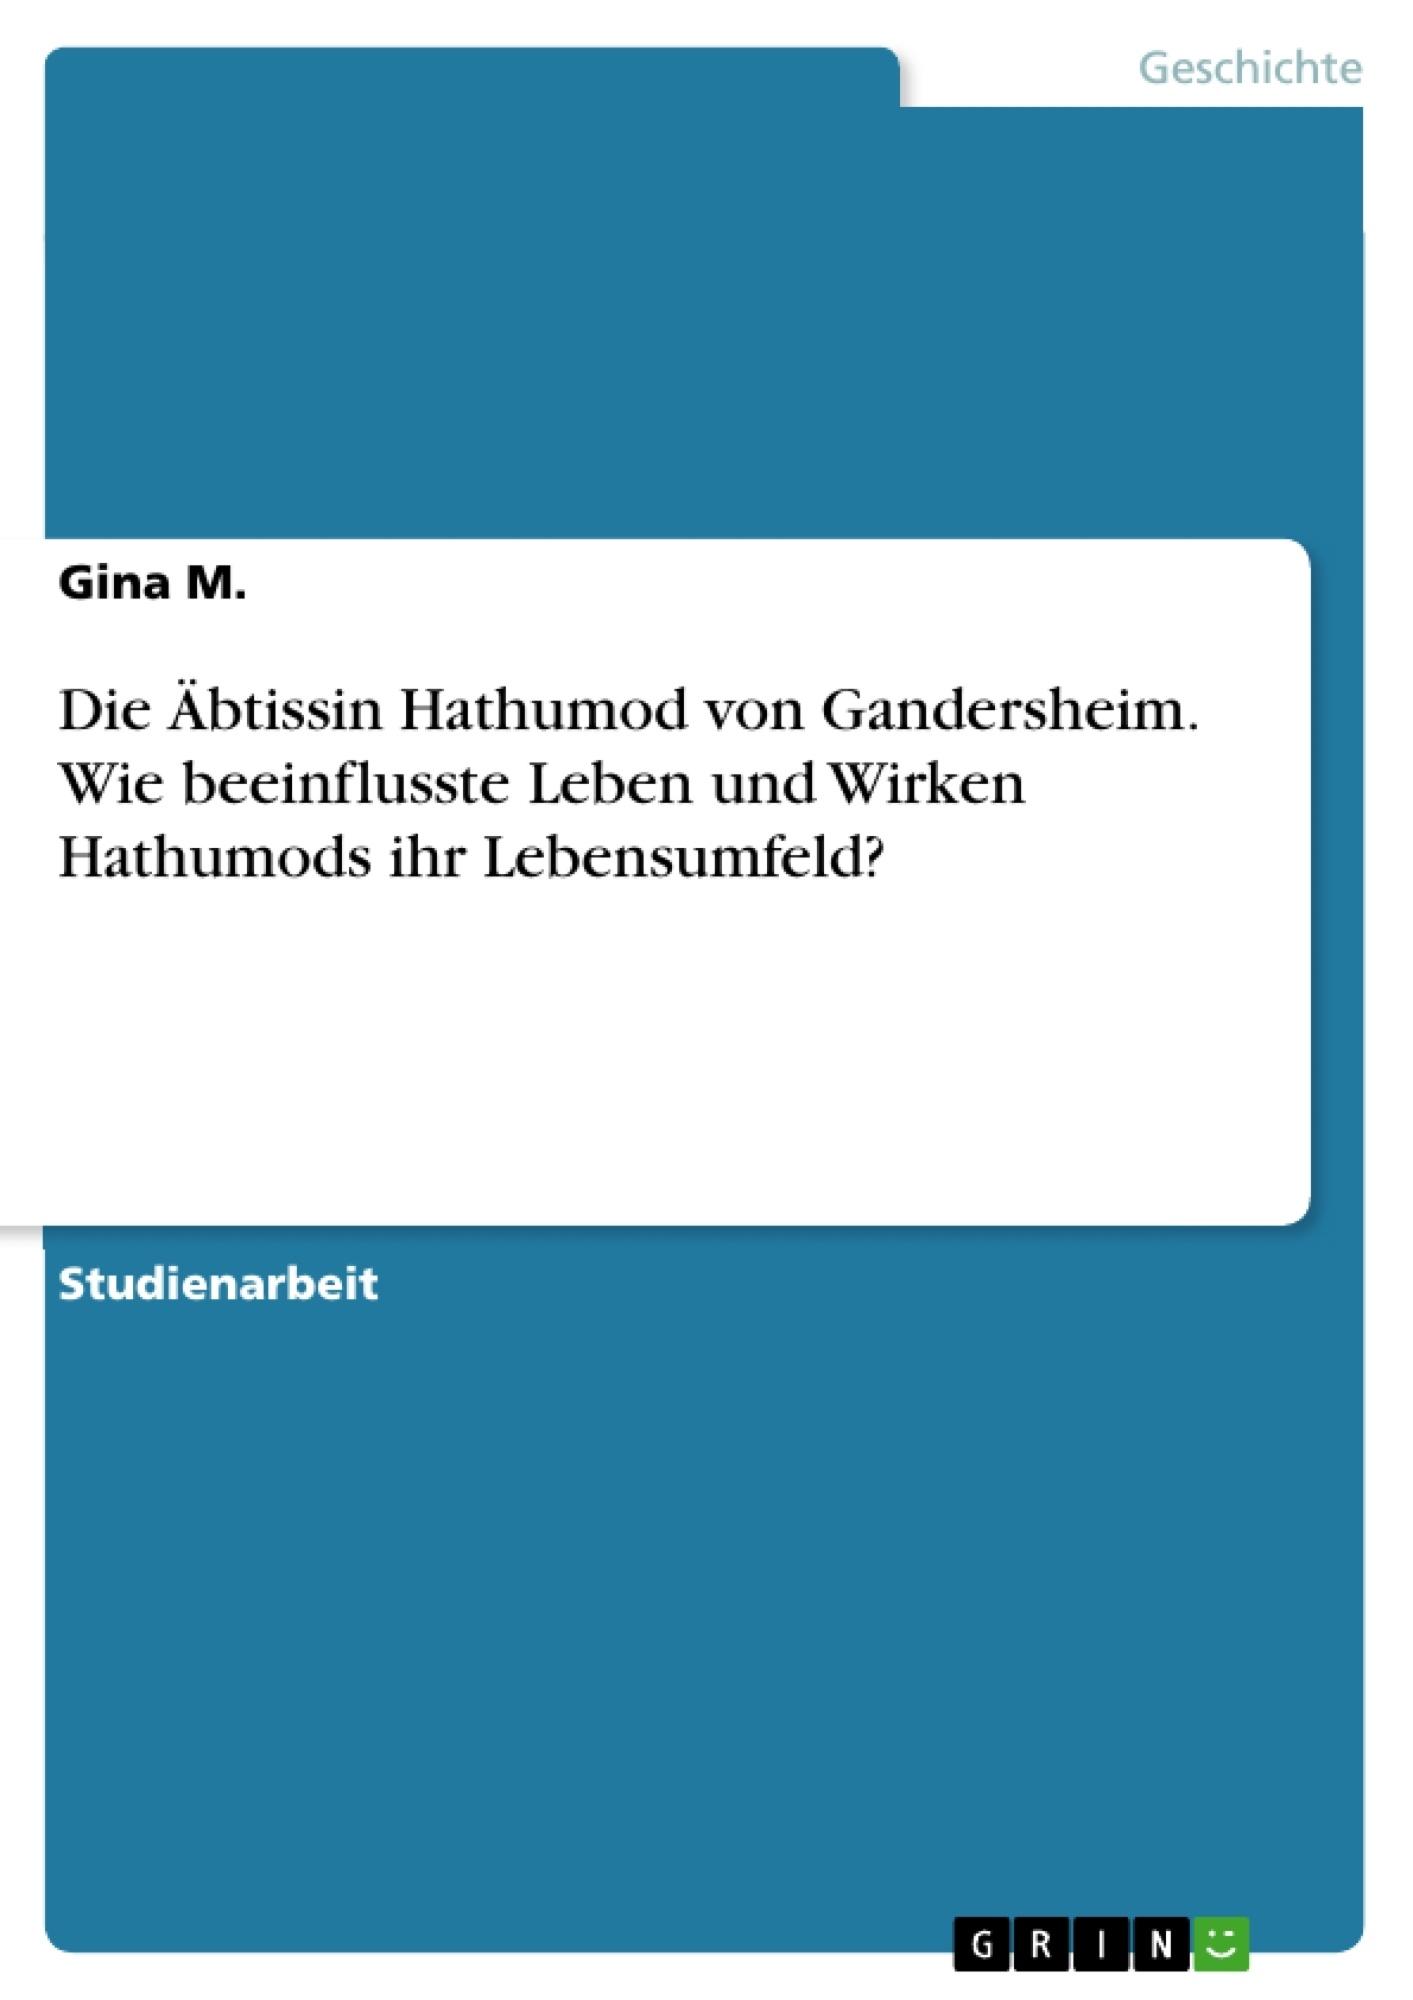 Titel: Die Äbtissin Hathumod von Gandersheim. Wie beeinflusste Leben und Wirken Hathumods ihr Lebensumfeld?